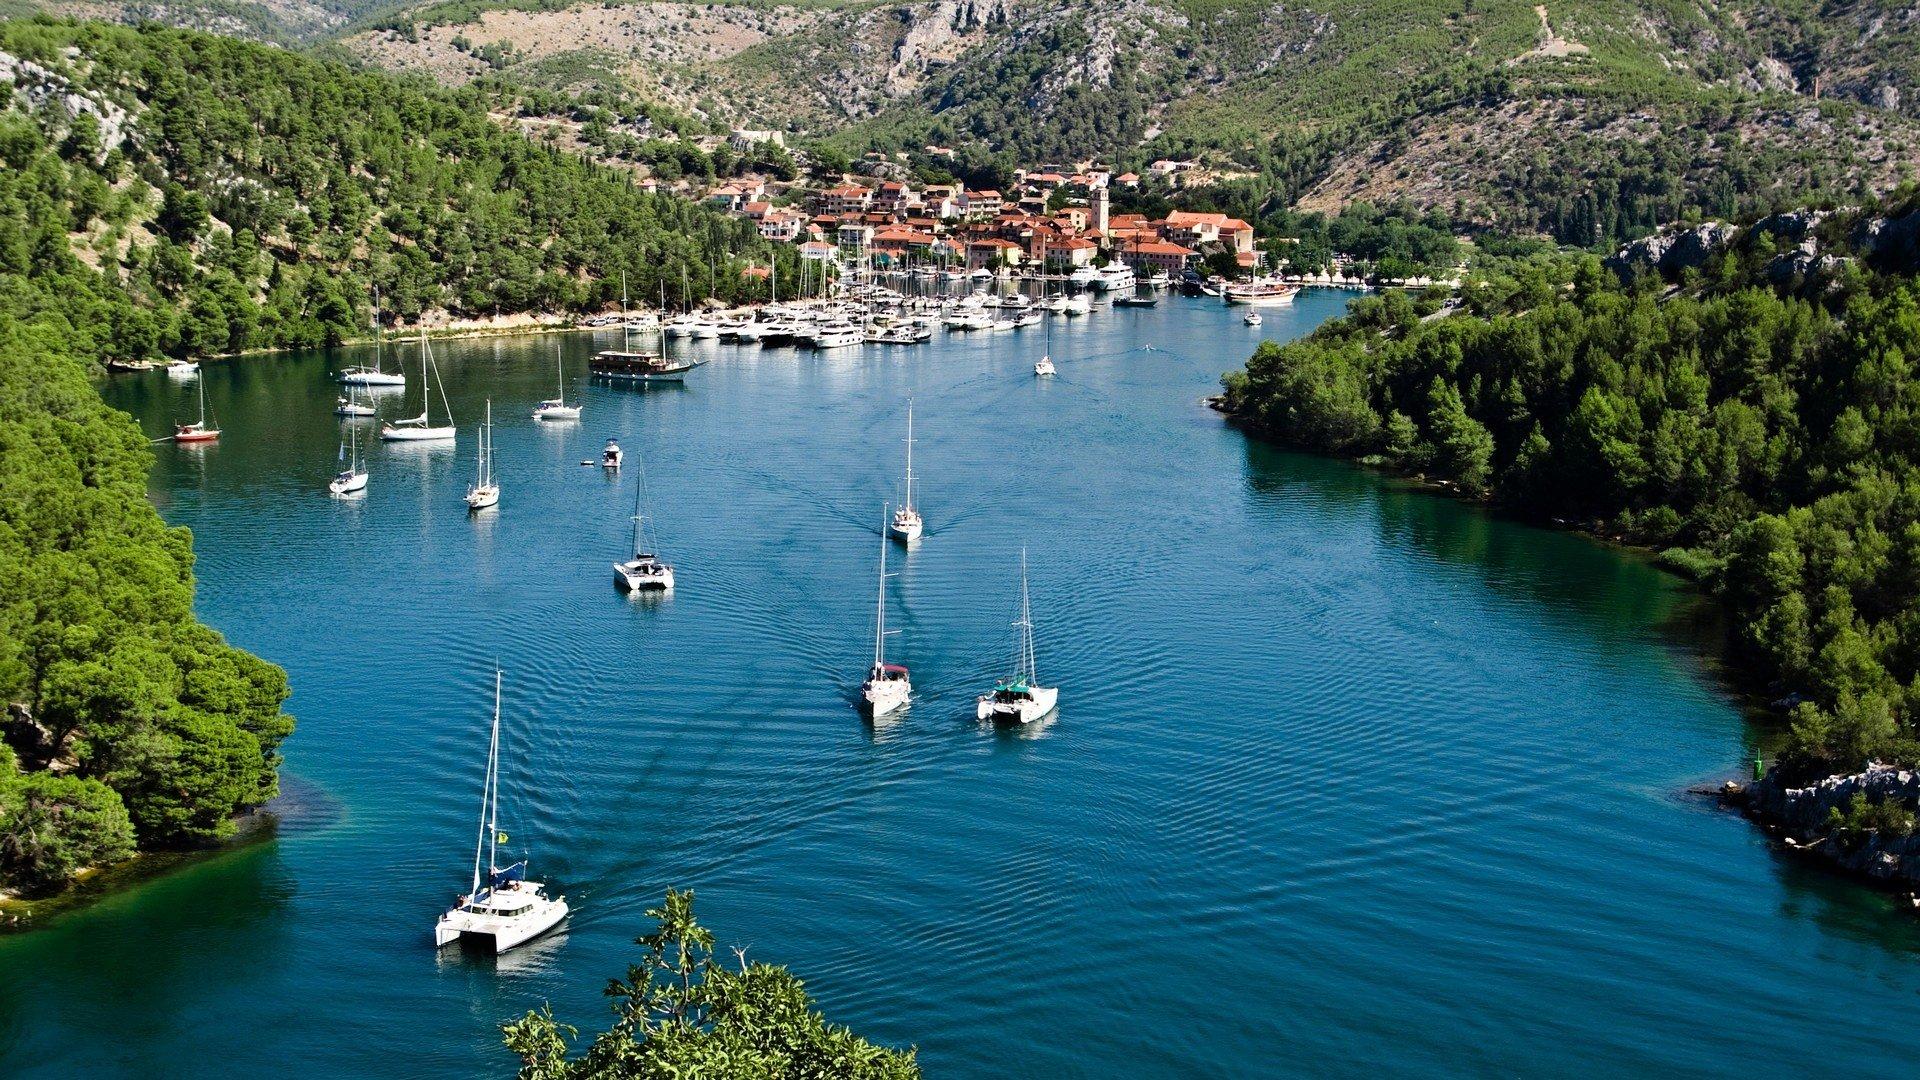 Chorvatské pobřeží je opravdu krásné